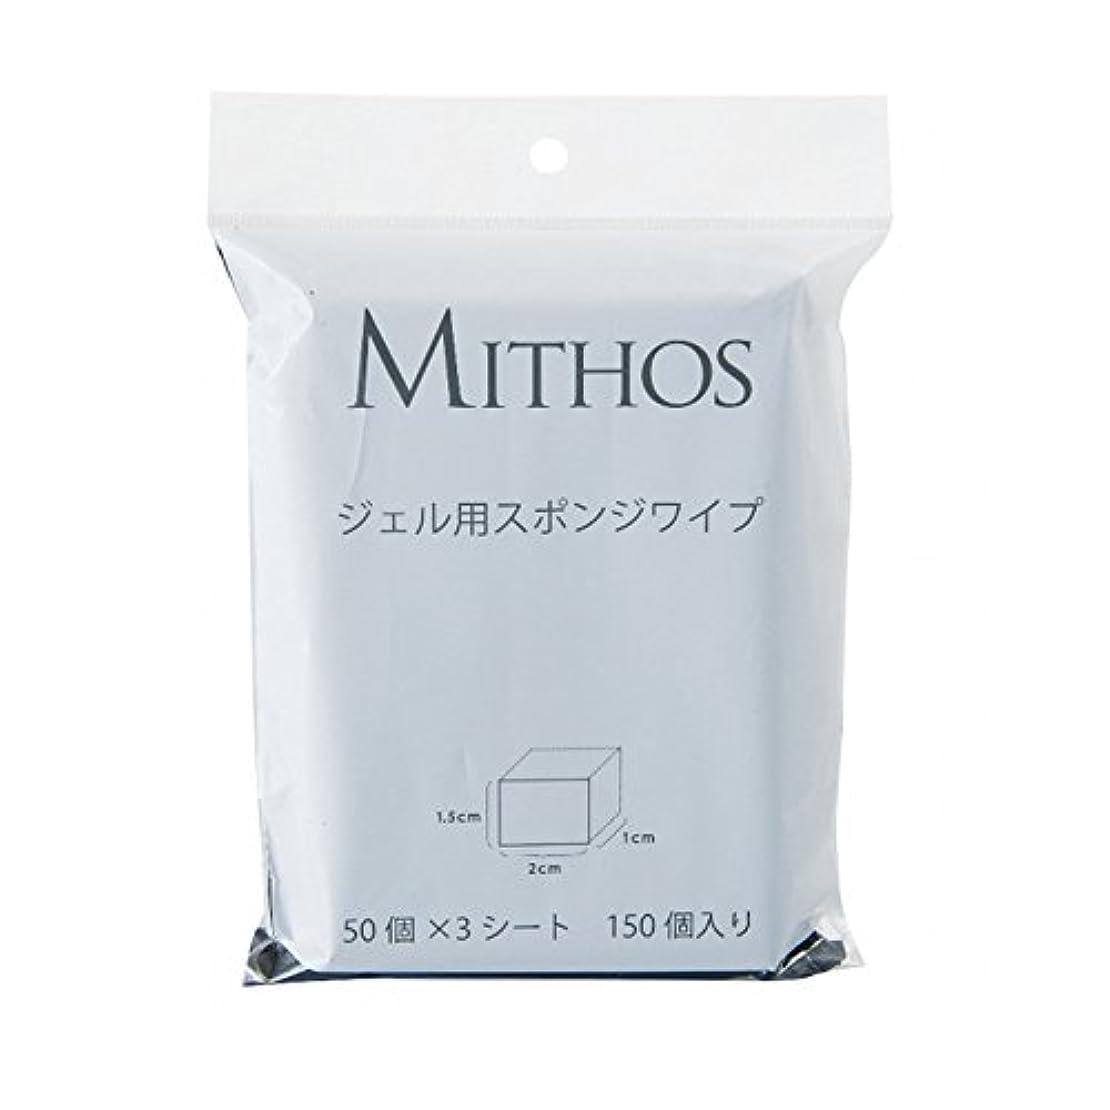 エスニックネコ意味MITHOS ジェル用スポンジワイプ 150P 1.5×2×1cm 50個×3シート